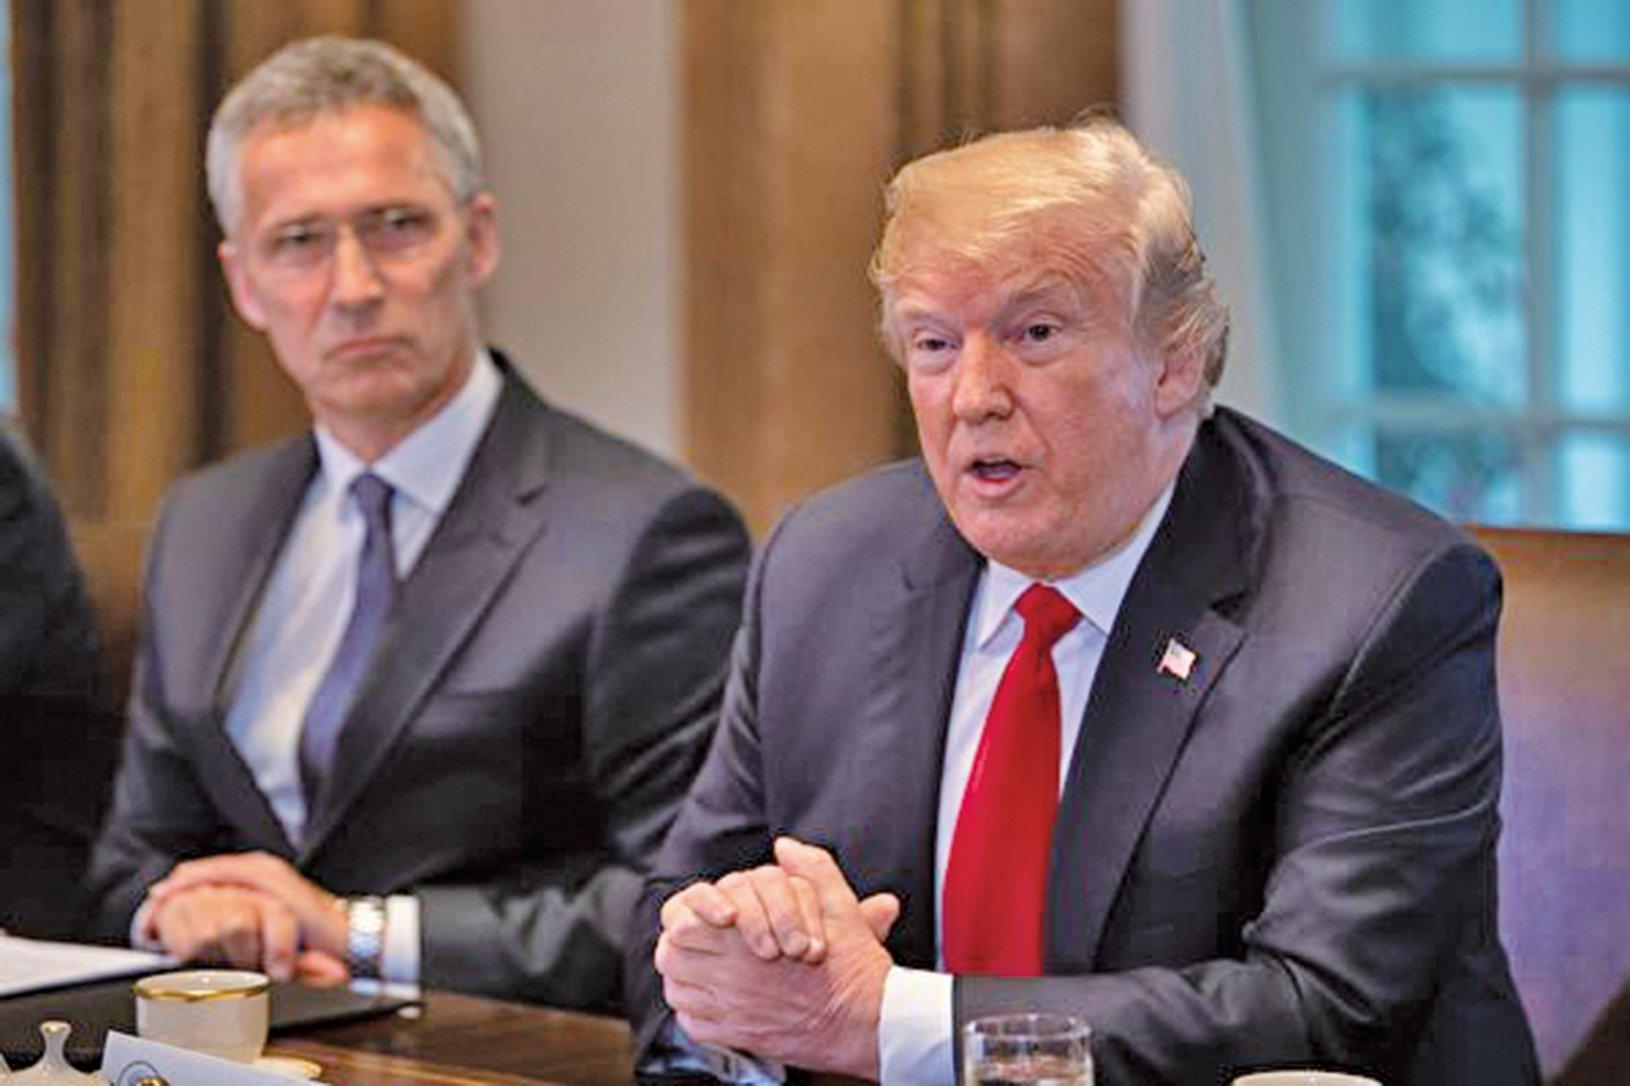 美國總統特朗普周二在白宮表示,並未就中興事宜達成任何協議。(Getty Images)